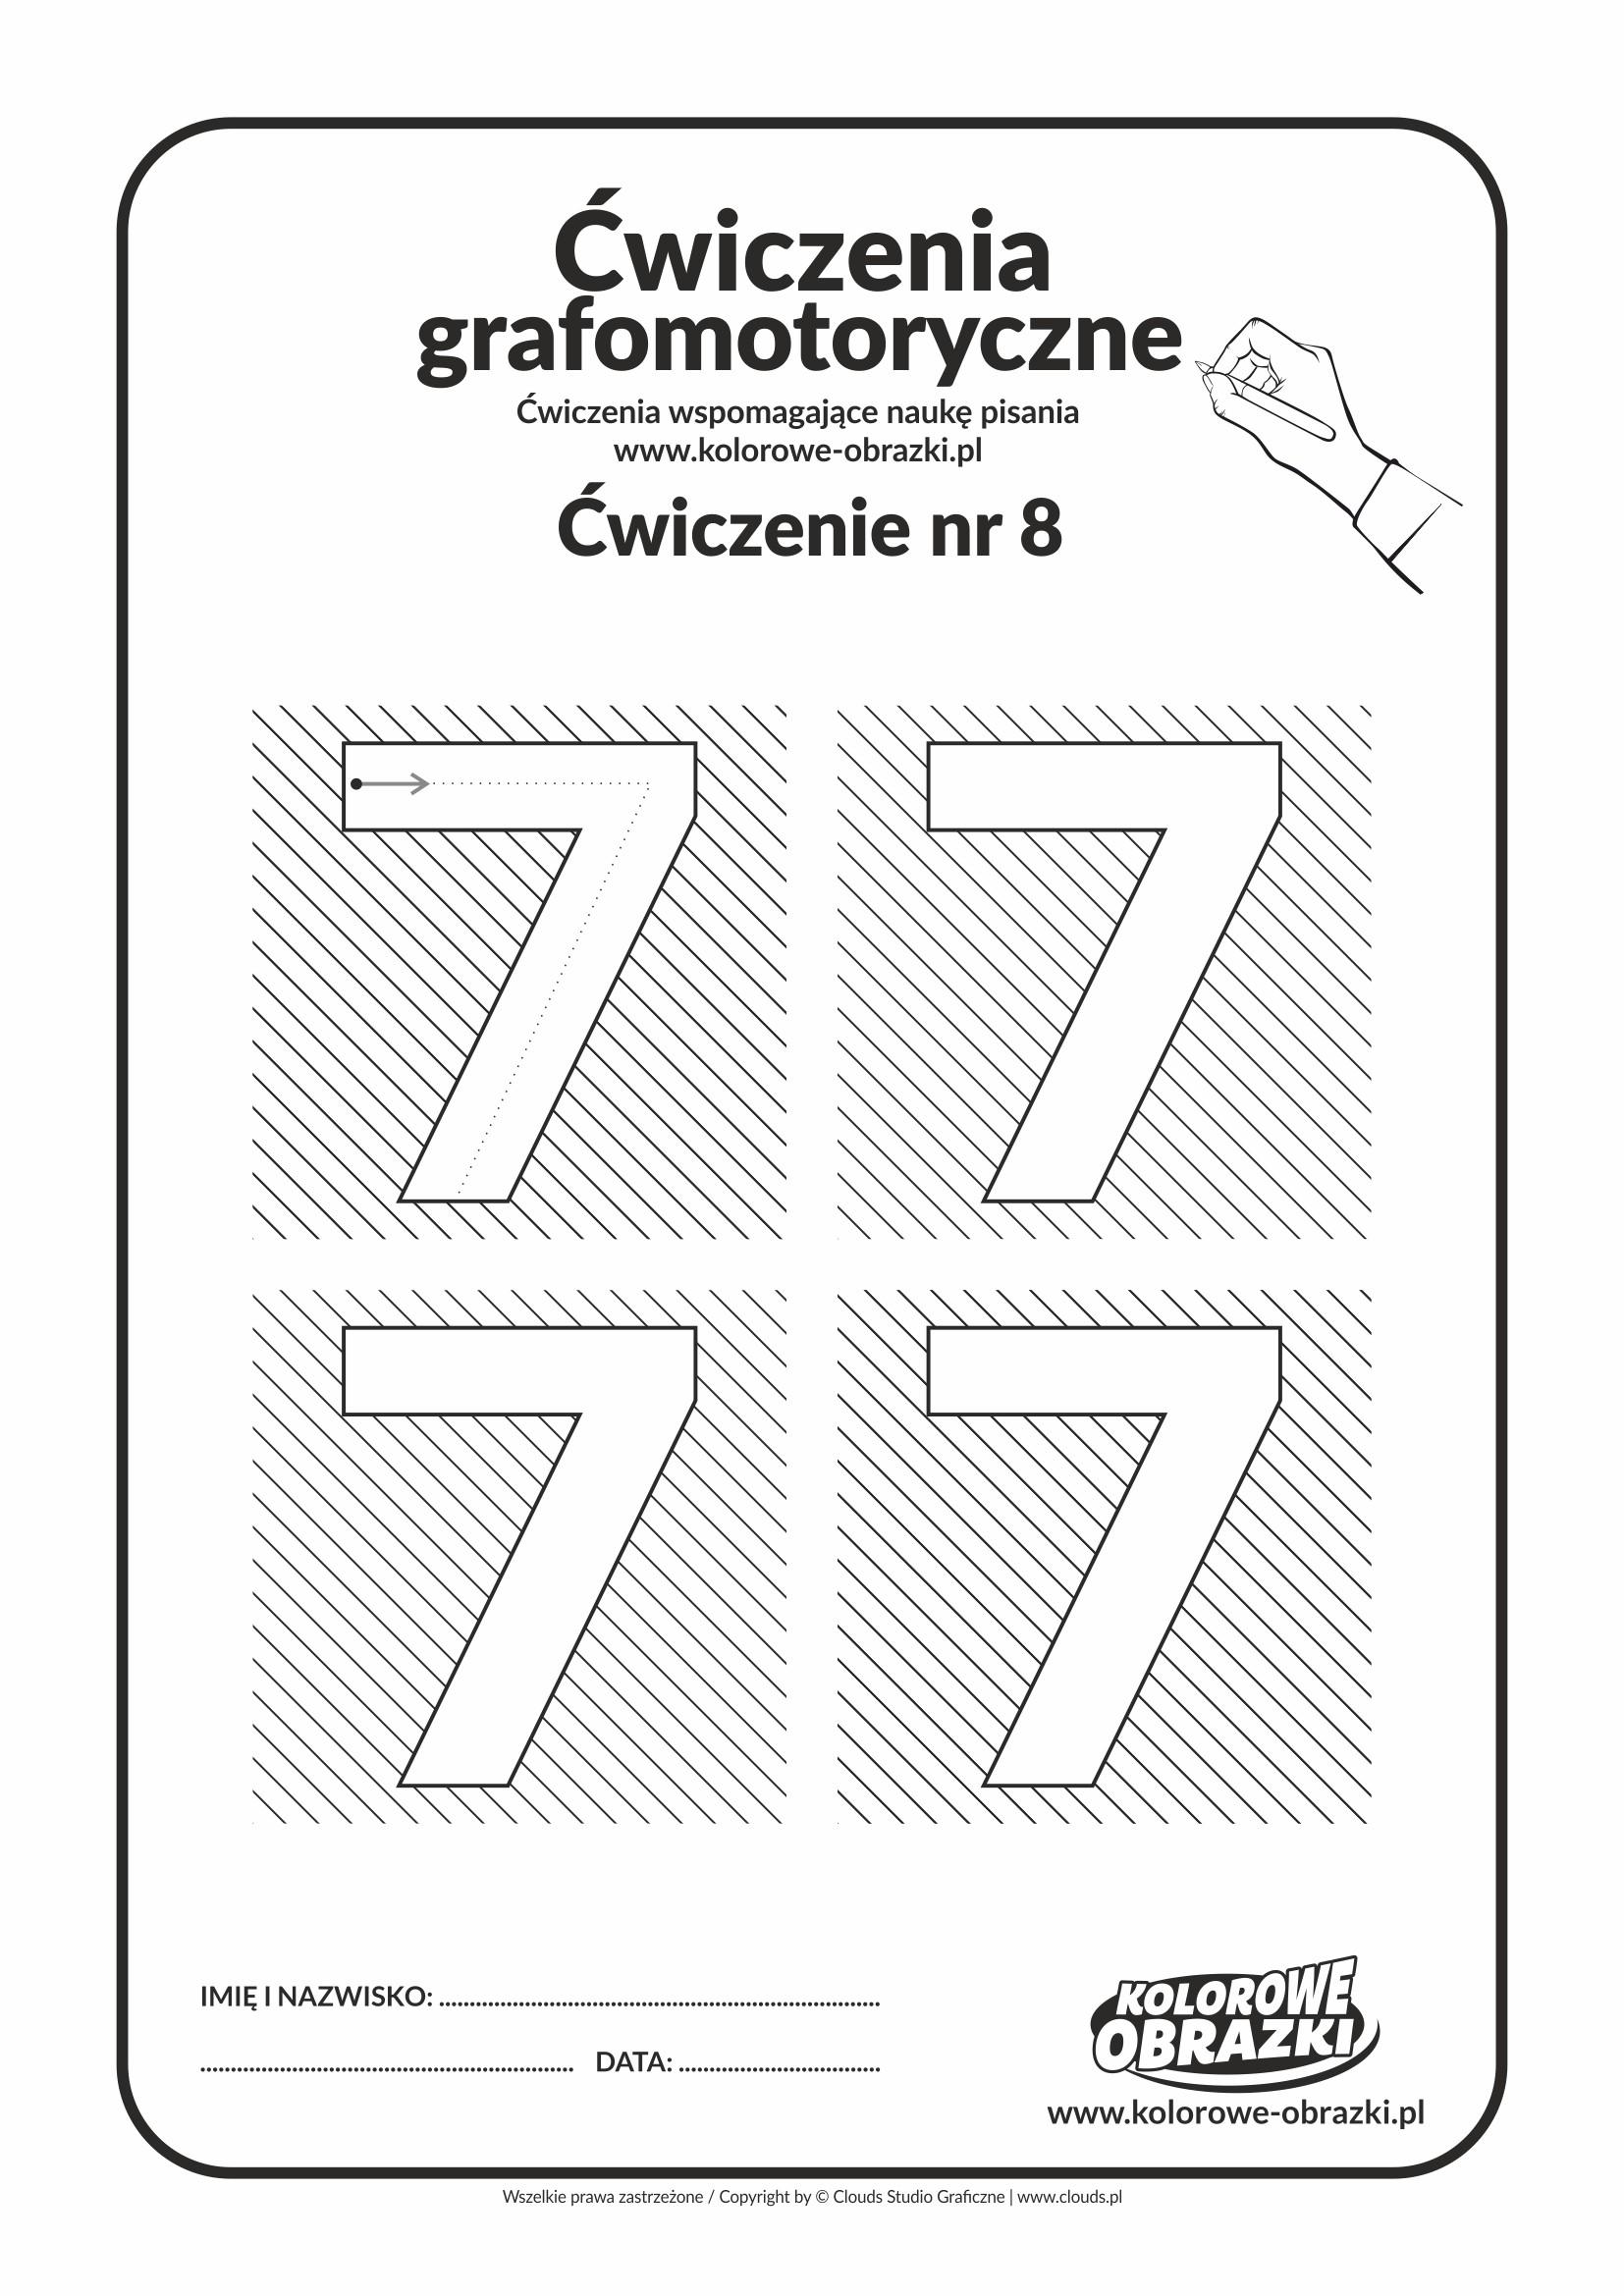 Ćwiczenia grafomotoryczne dla dzieci - Cyfra 7